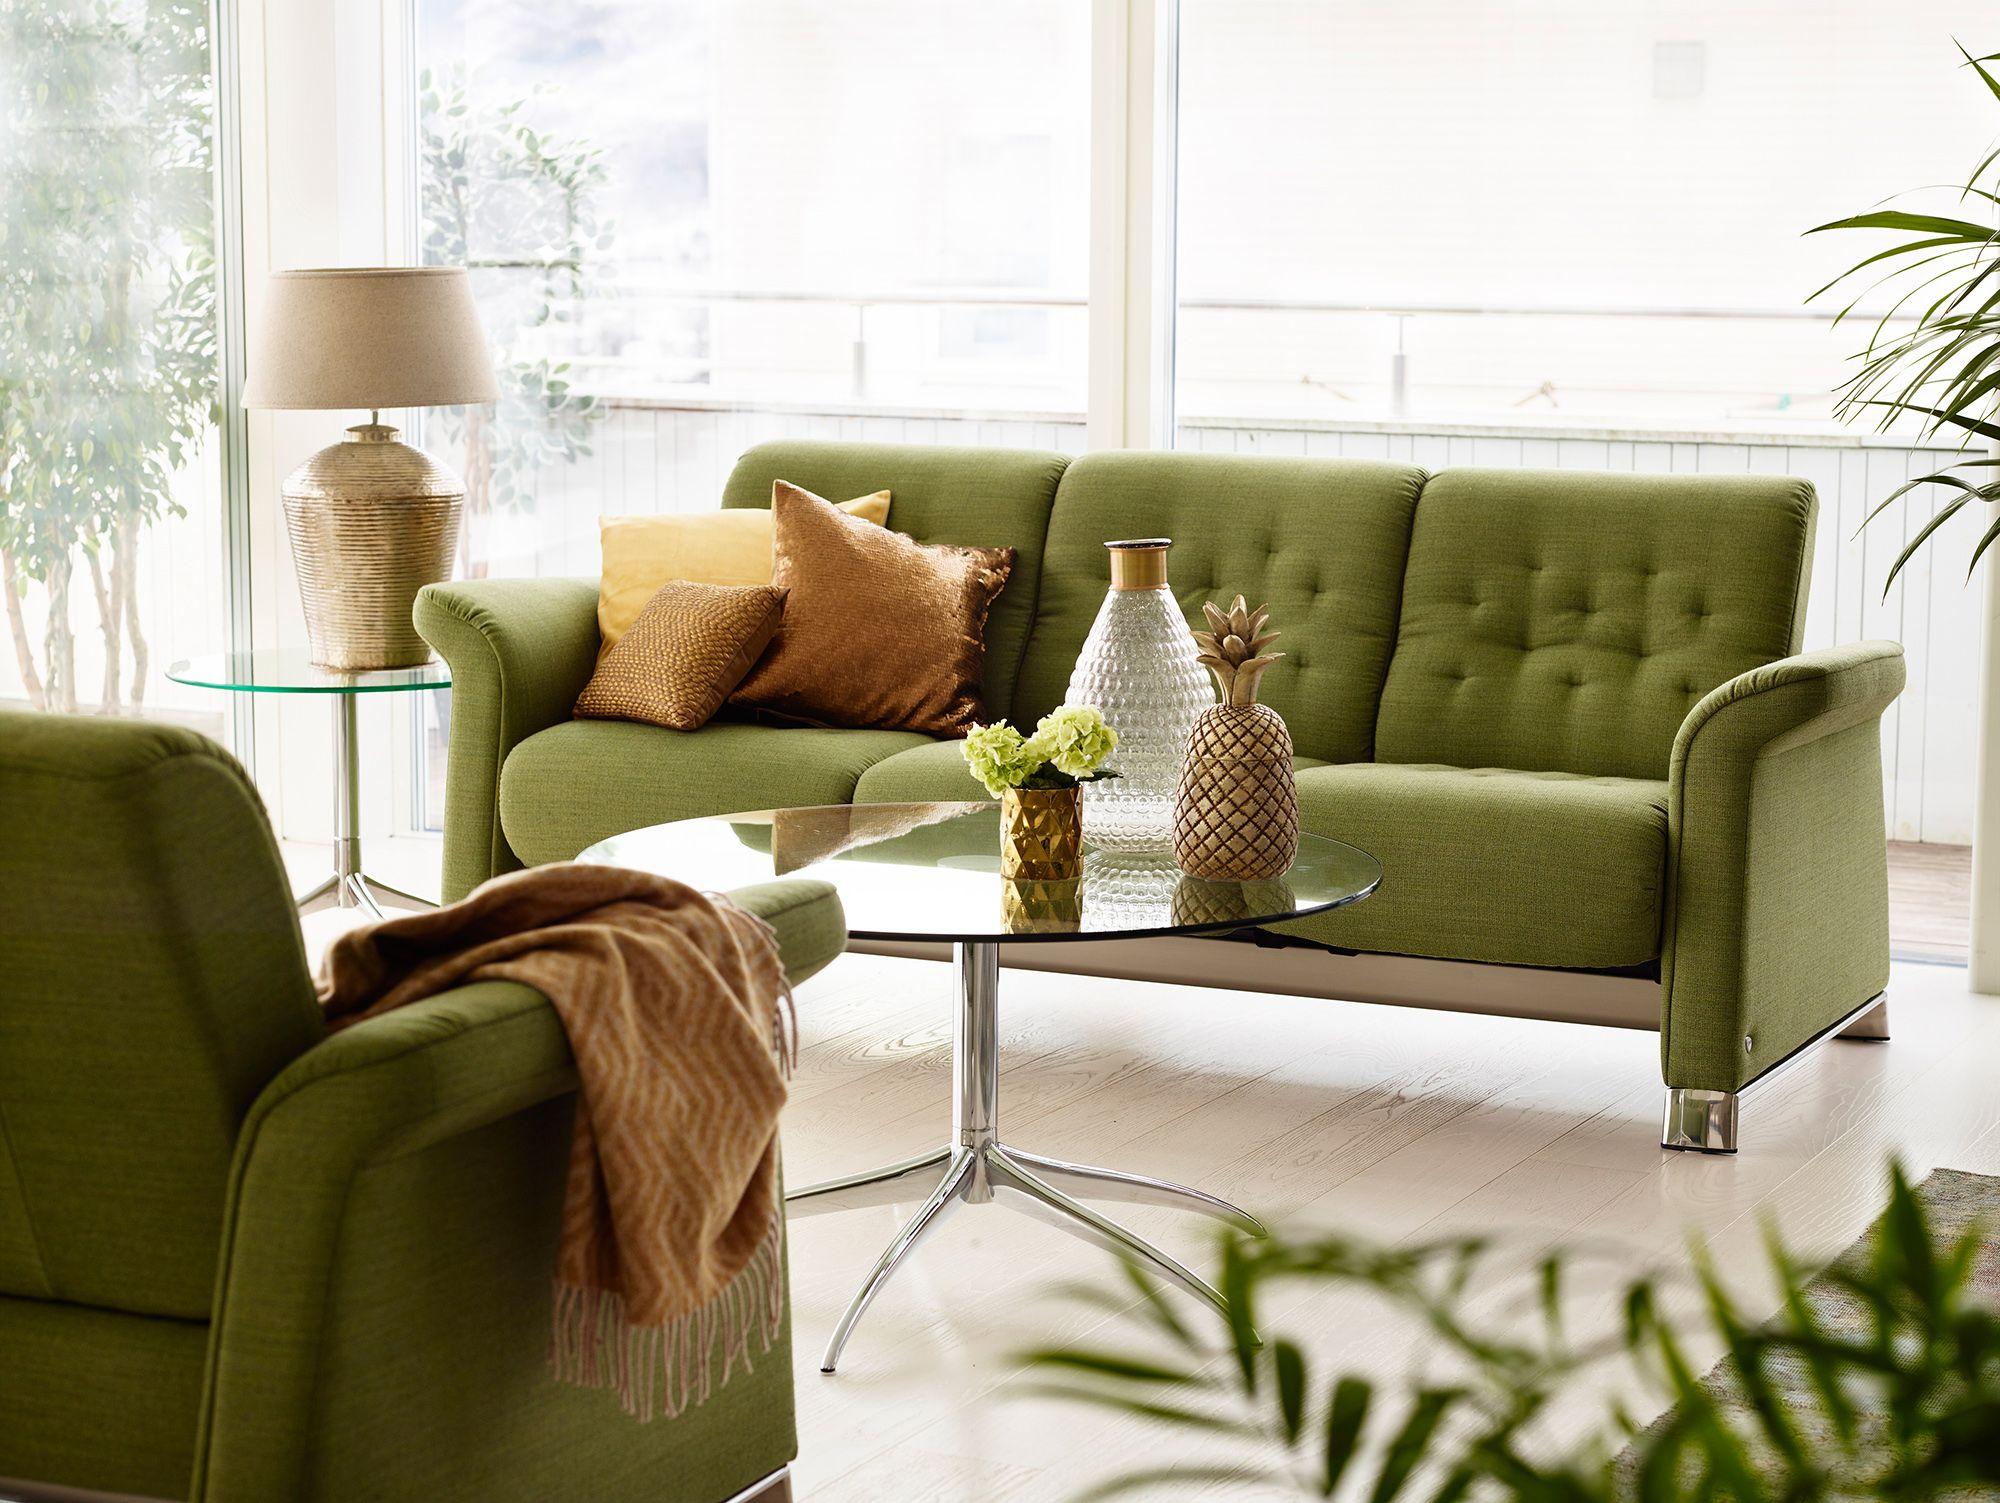 AuBergewohnlich Stressless Metropolitan Sofa Als 3 Sitzer In Der Ausführung Stoff U0027Silvau0027  Green. Glastisch: Stressless Urban (Large), ø90 X48 Cm